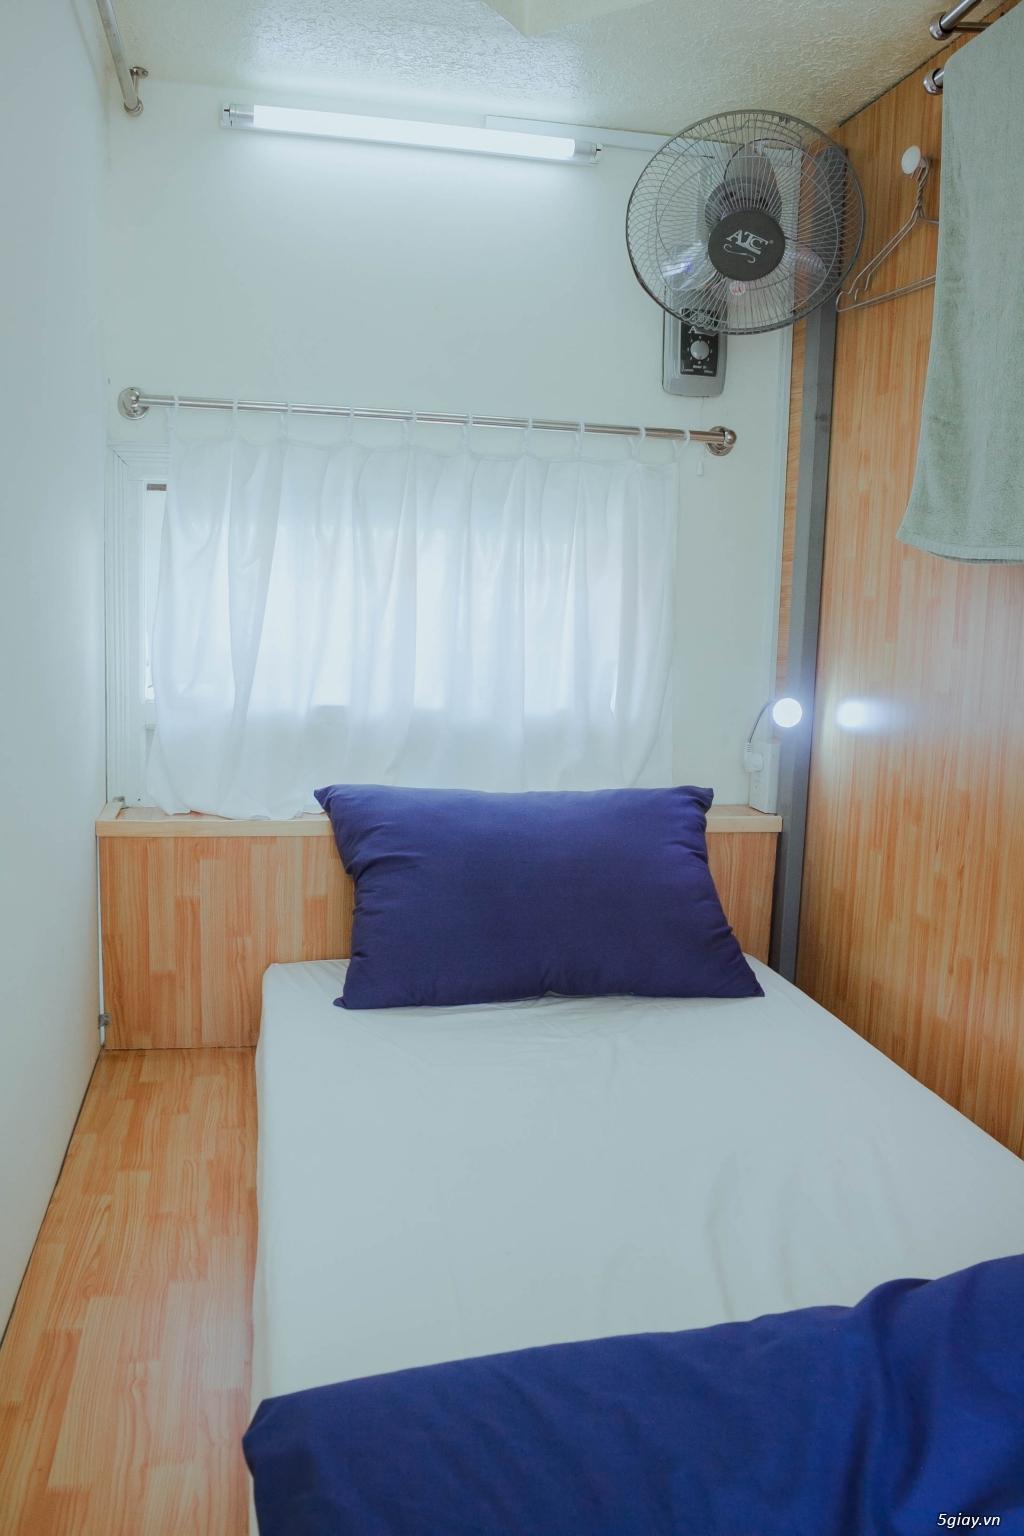 Home1988 - Nhà cho thuê theo phòng nghỉ dưỡng ngắn hạn Đà Lạt - 4